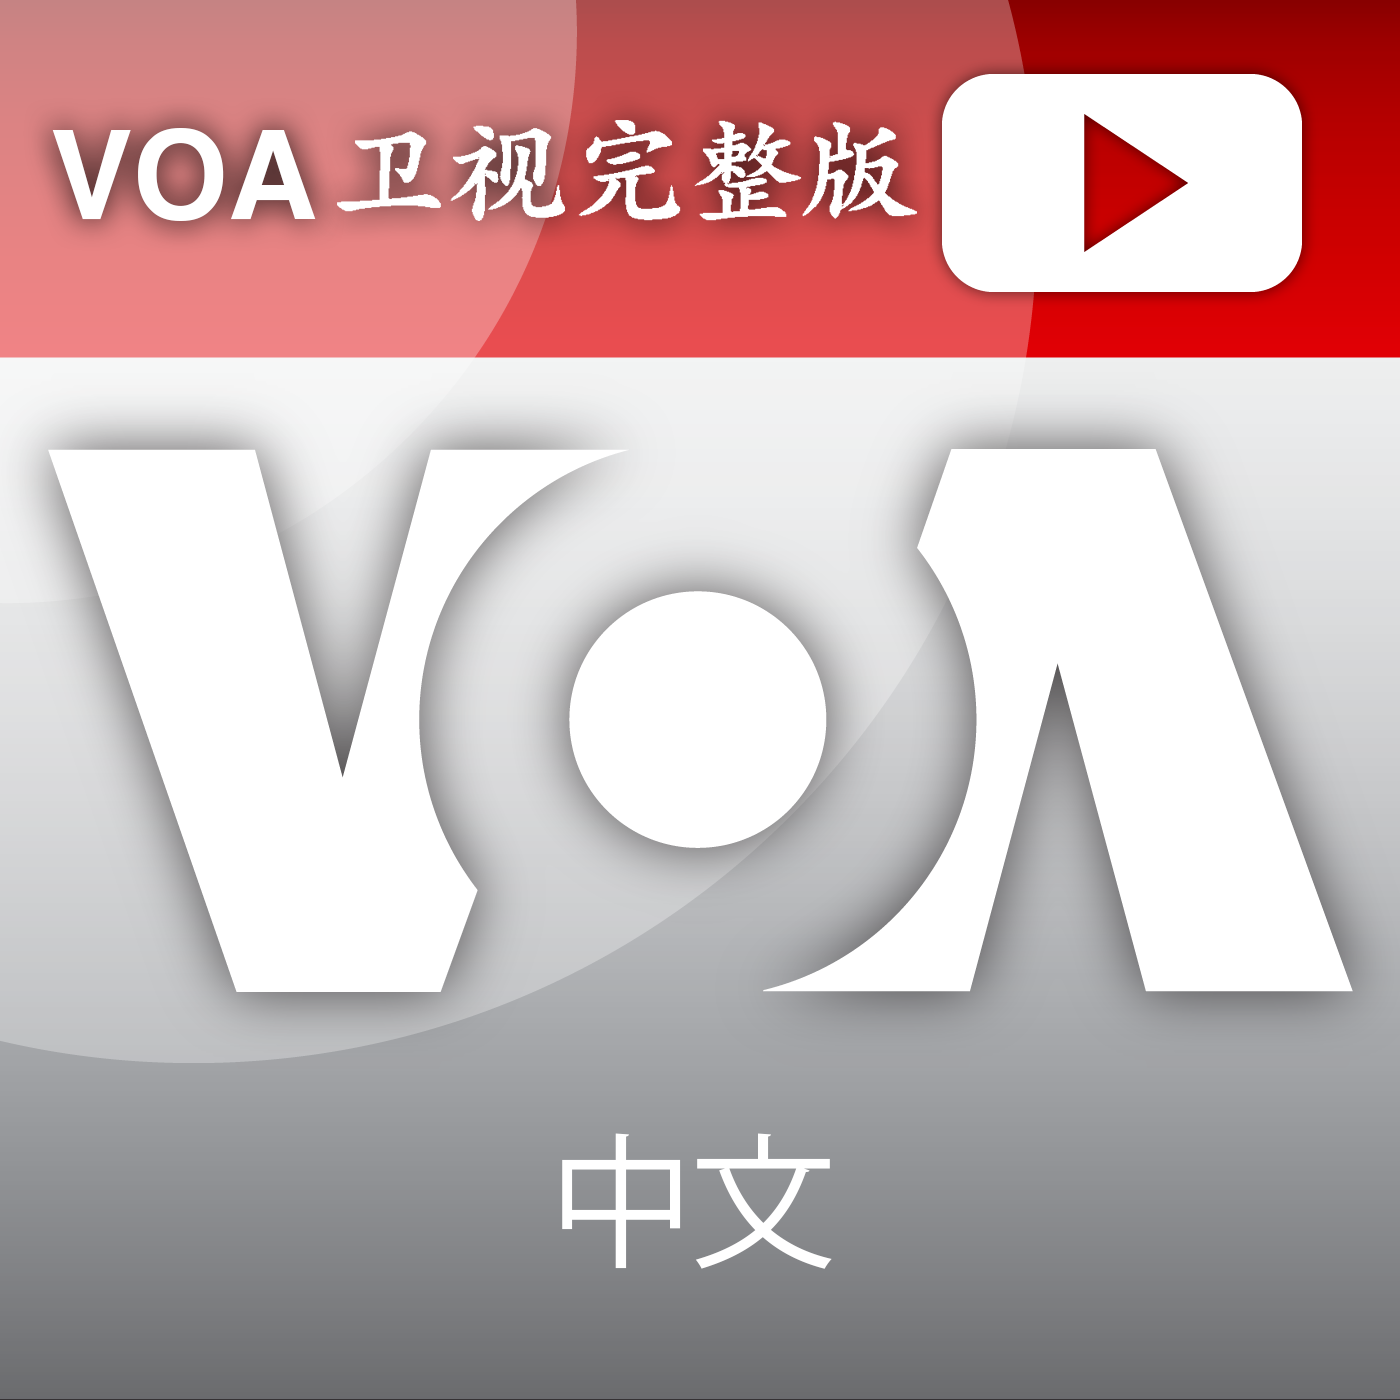 VOA卫视完整版 - 美国之音